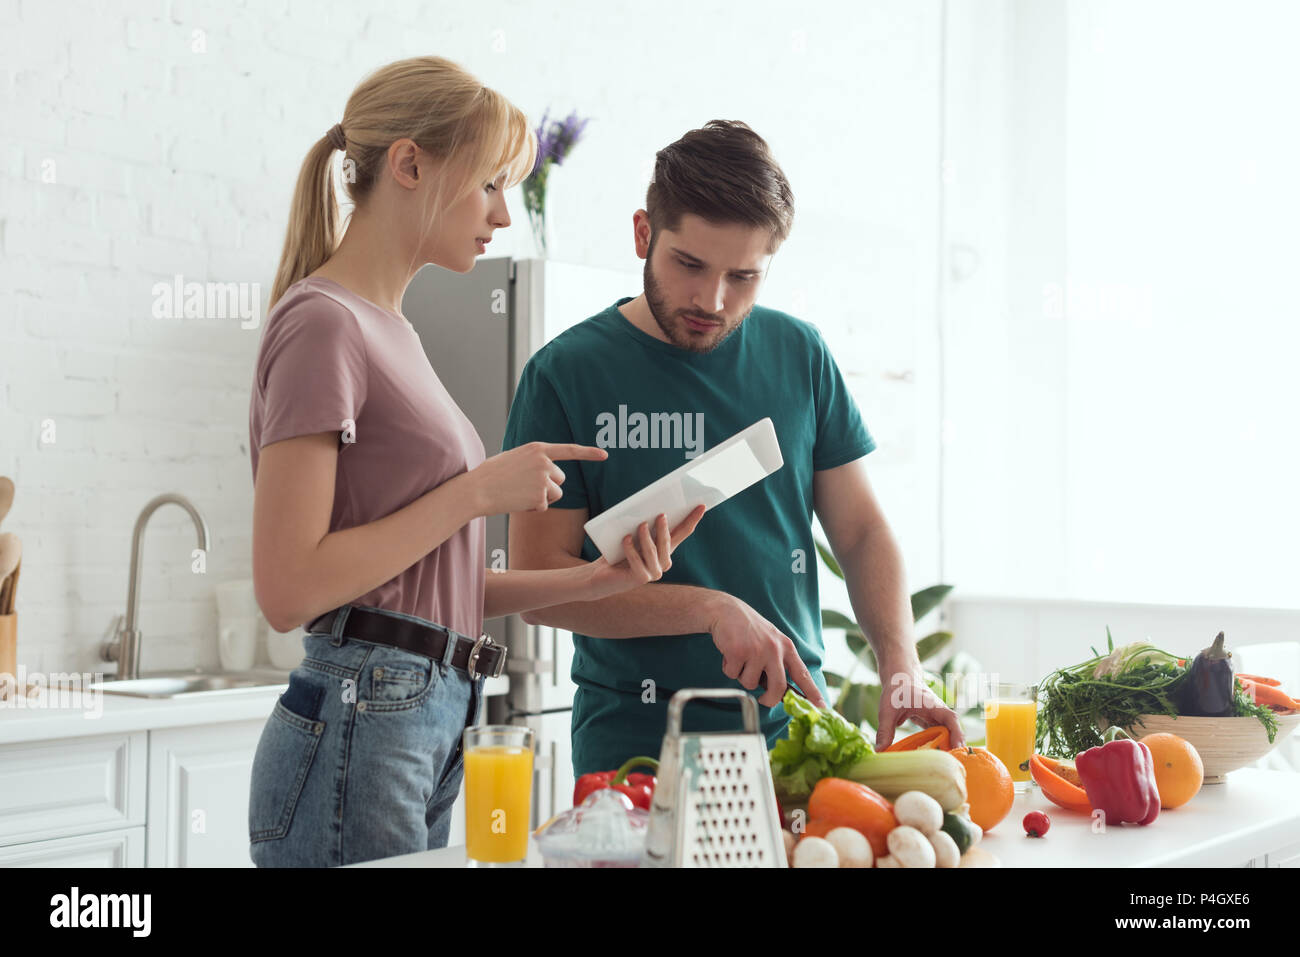 Petite amie pointant sur tablette avec fiche en cours de cuisson, cuisine à concept vegan Banque D'Images